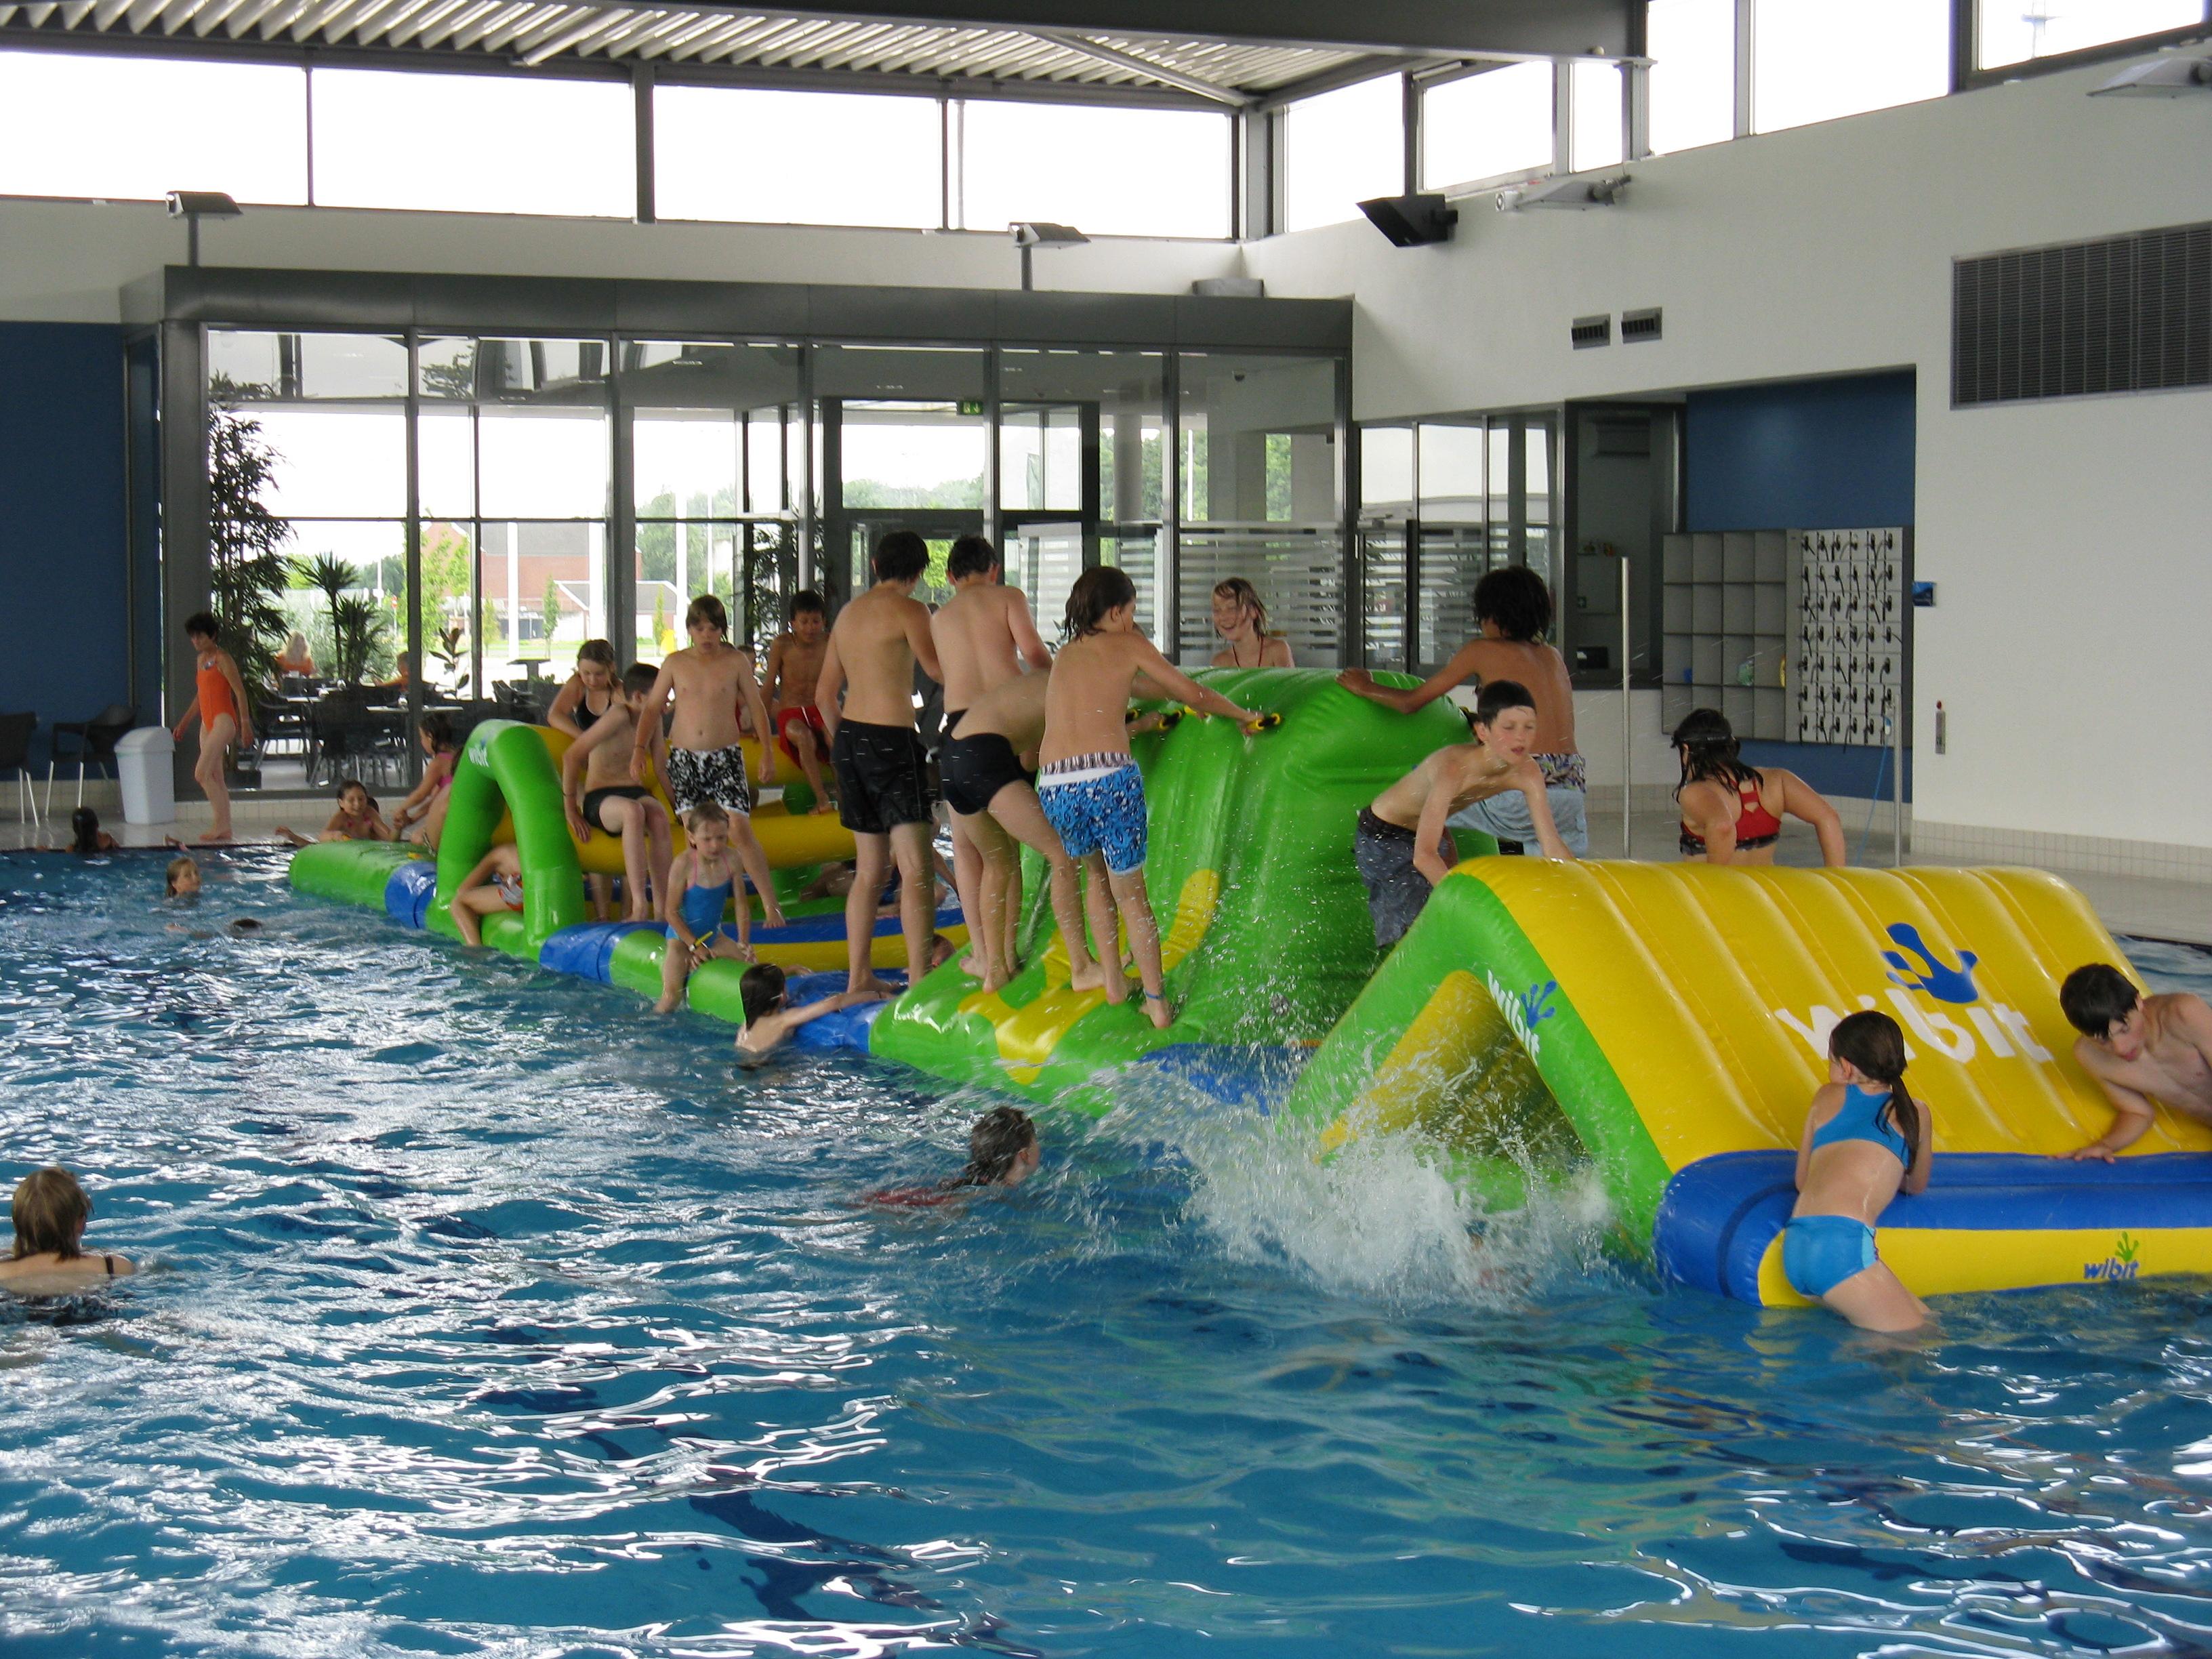 Eintritt wassenberg schwimmbad